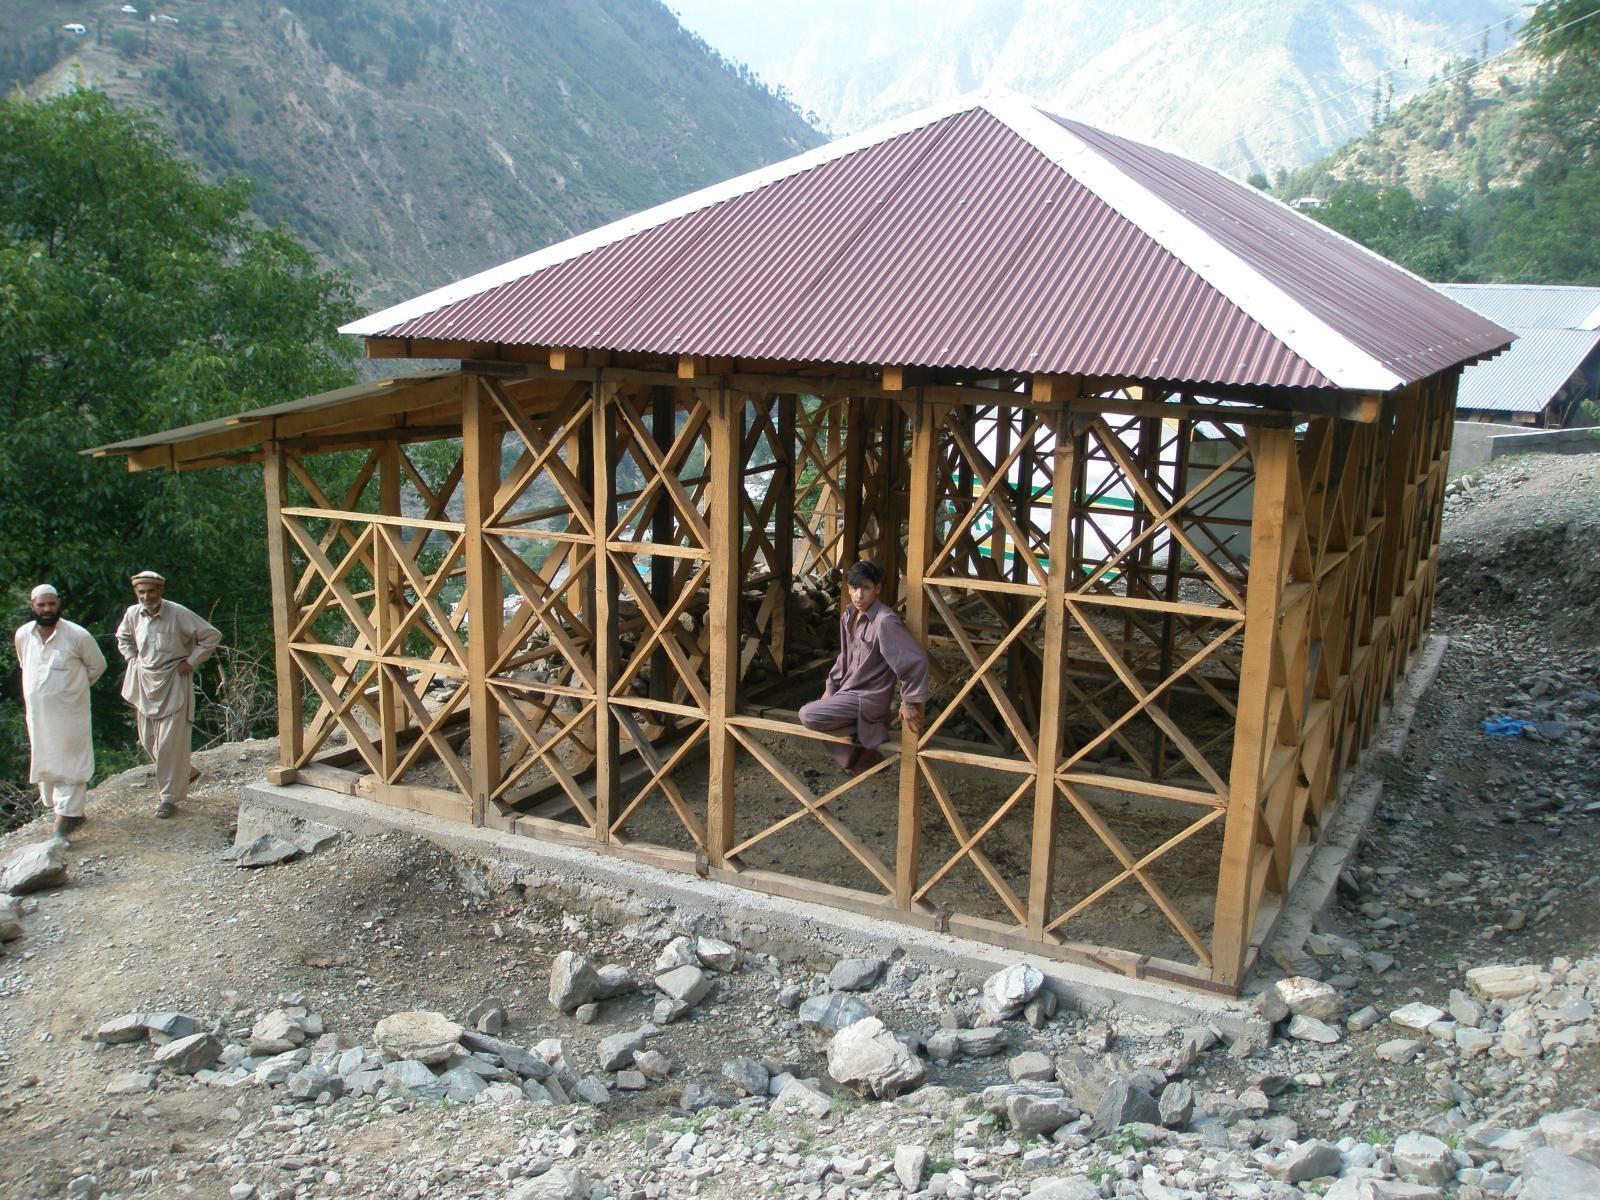 Viviendas sismo-resistentes son desarrolladas en Pakistán a través de mejoras en los sistemas locales de construcción